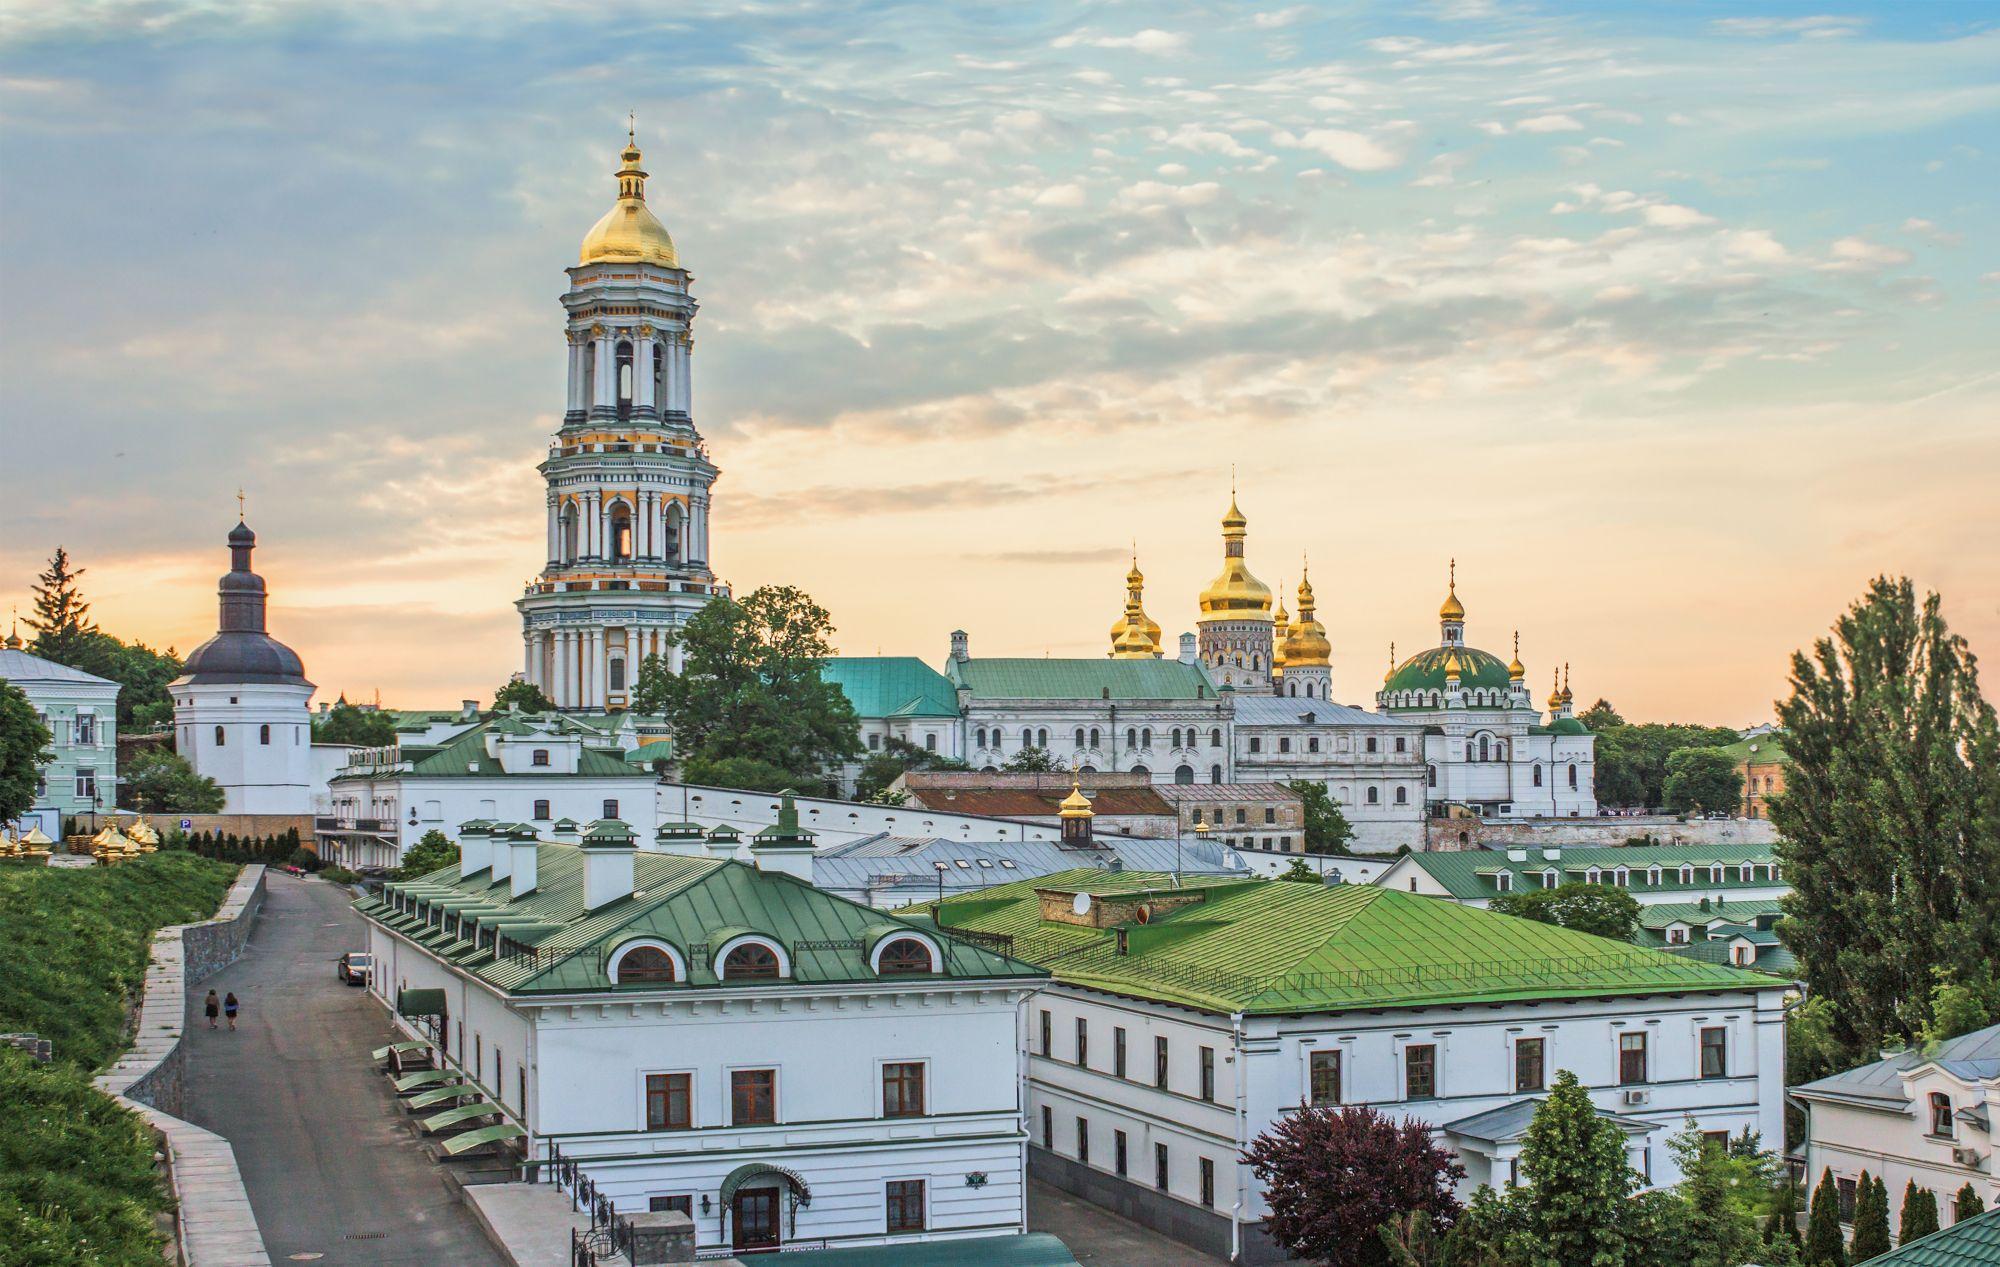 Kijów widok cerkwi